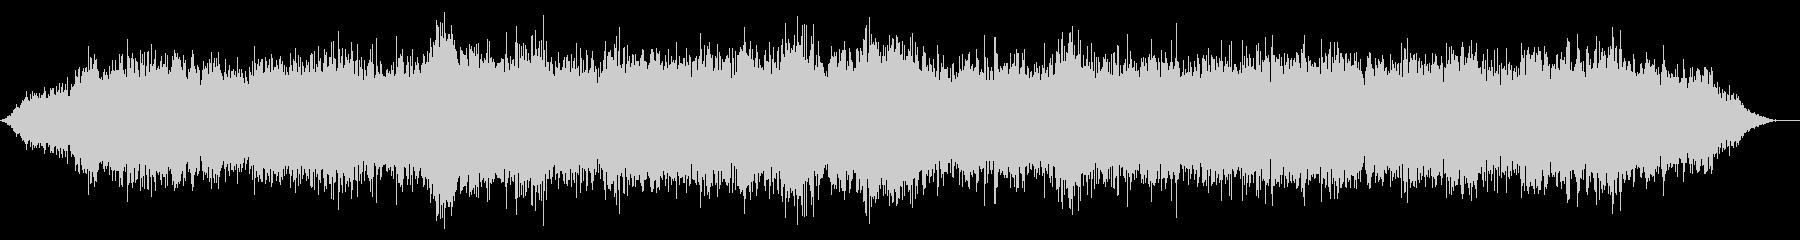 【ダークアンビエント】シーンBGM_03の未再生の波形